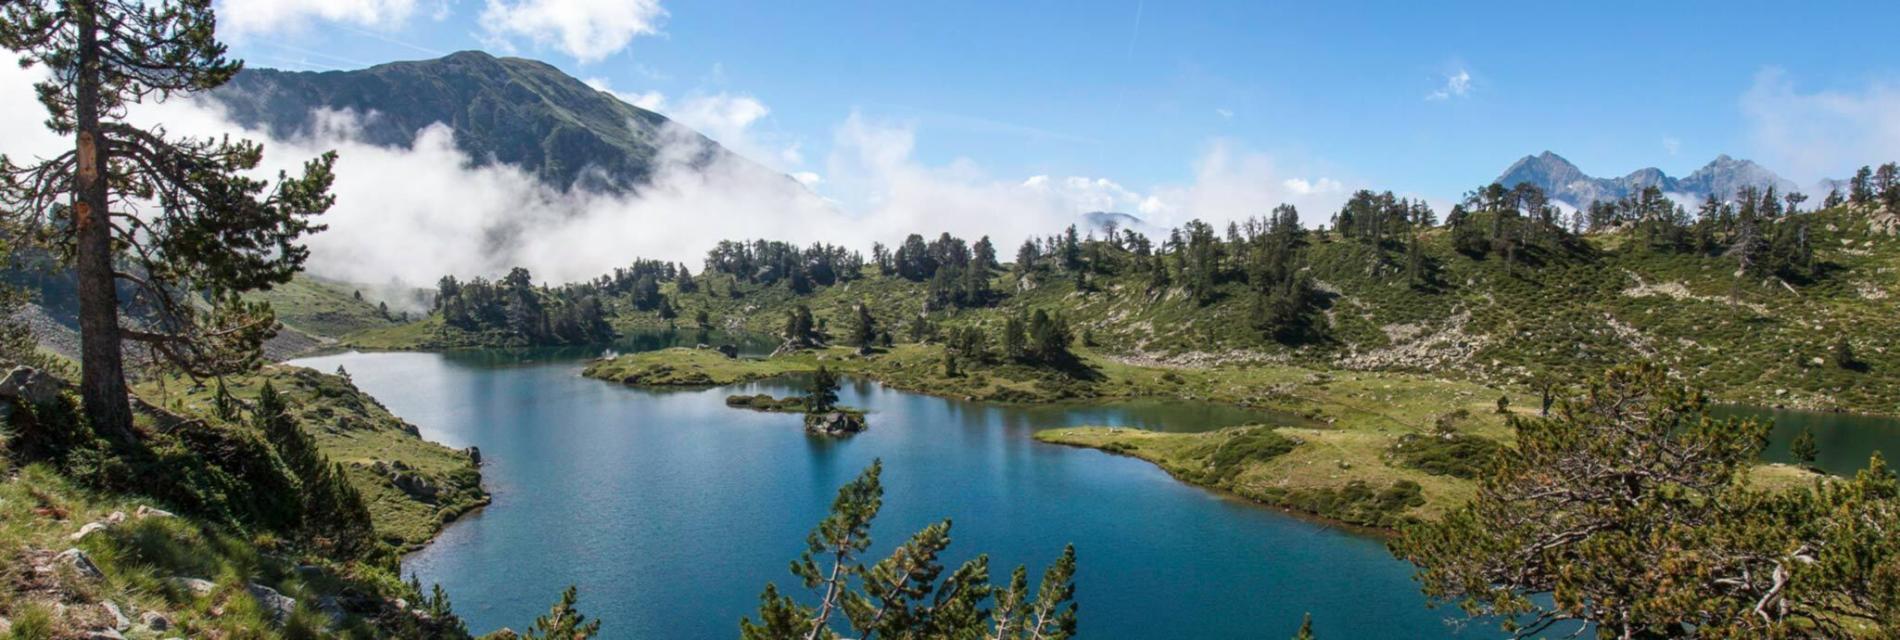 Slide Résidence Le Hameau de Balestas - Lac et montagne